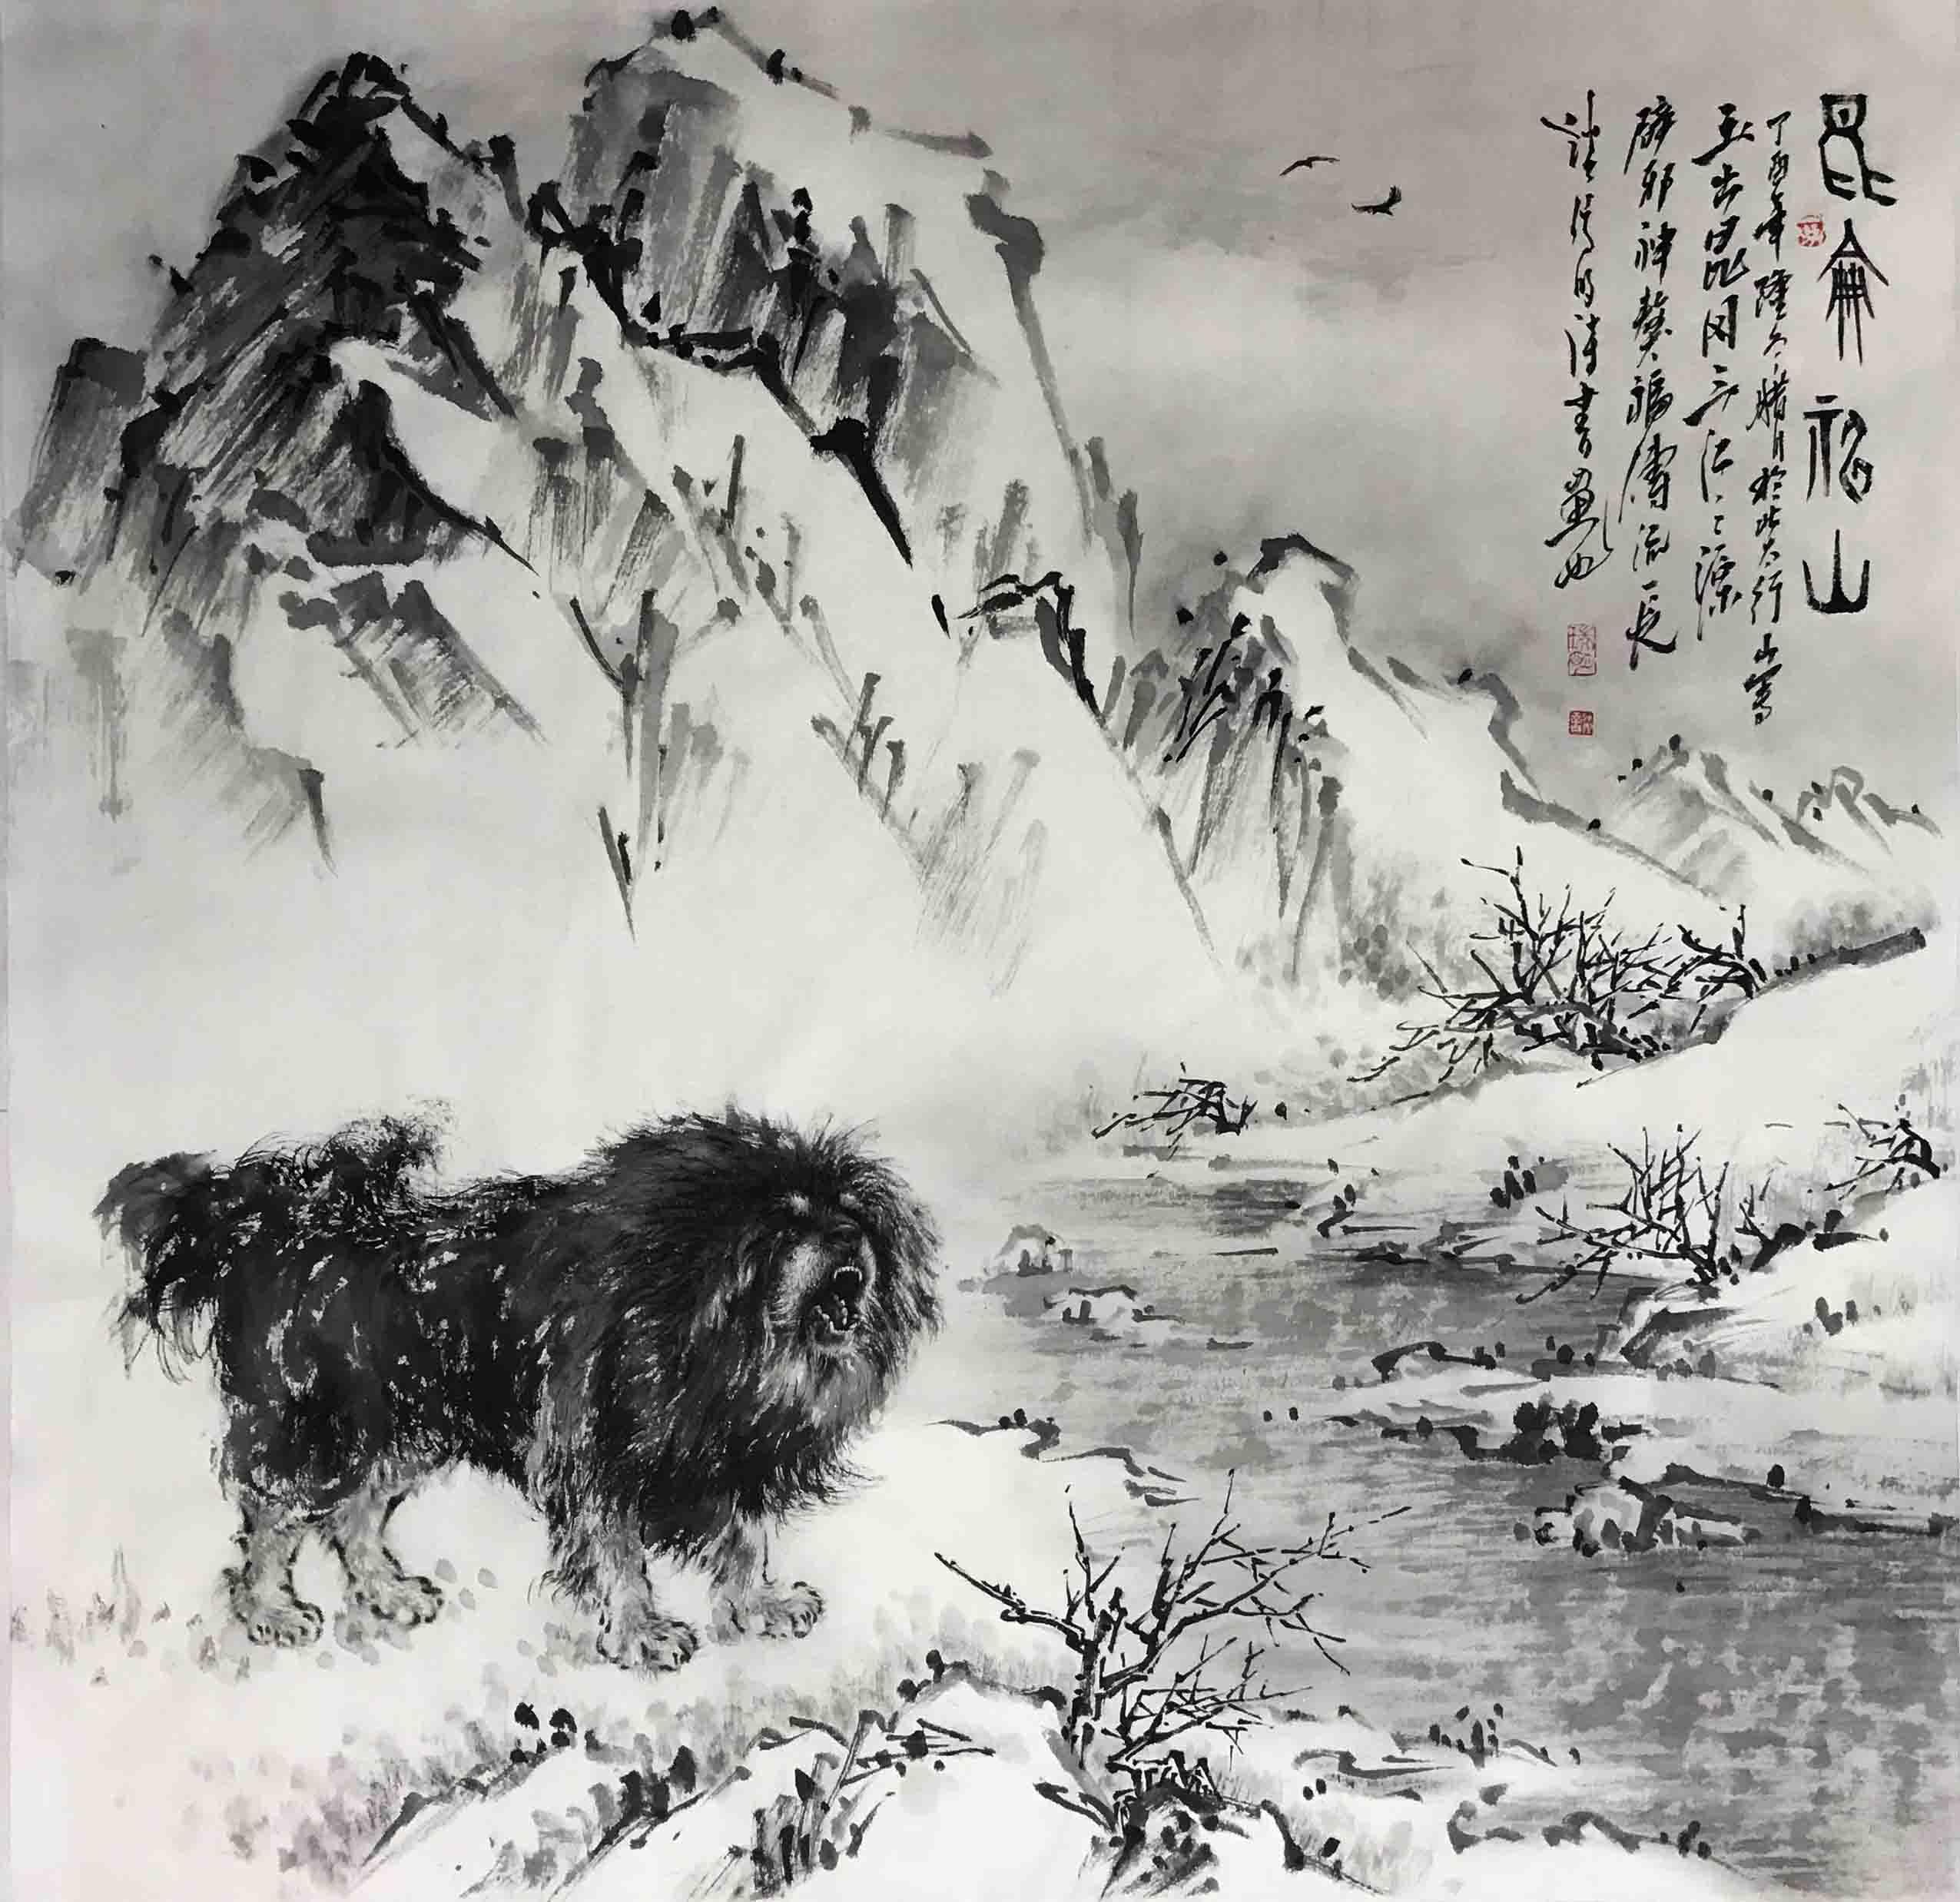 雪山风景-艺术大师谈瑞明作品